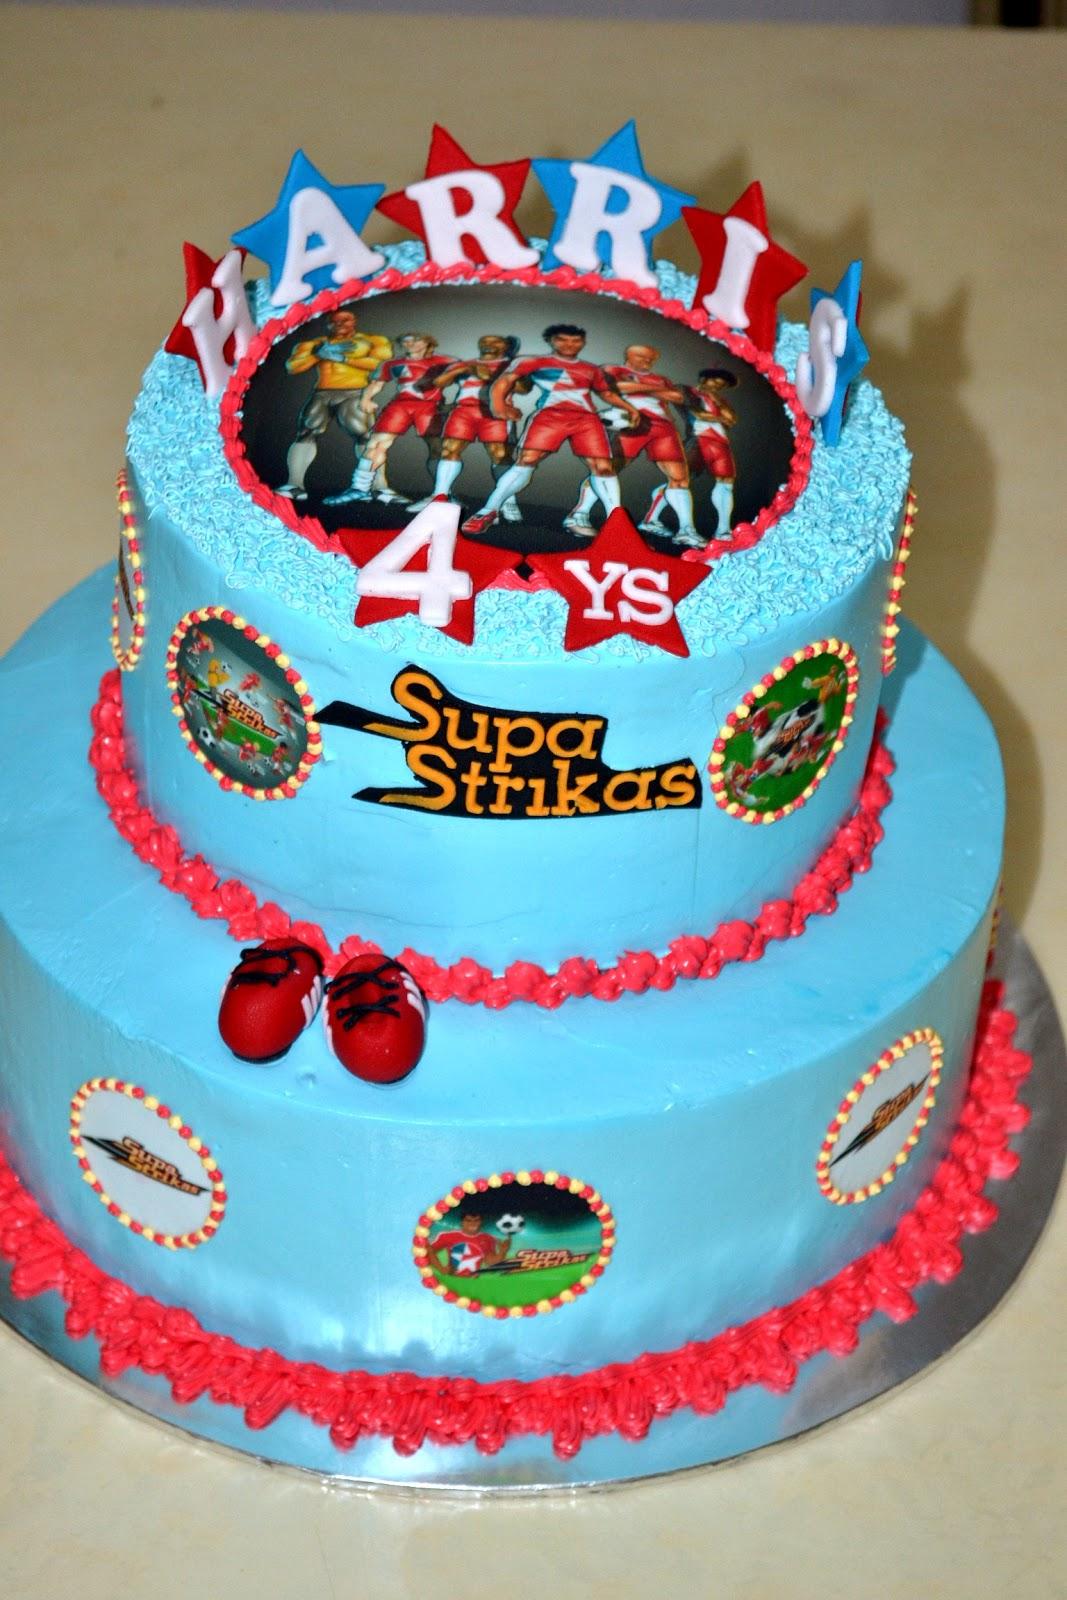 Mypu3 Cake House Supa Strikas Theme Cake